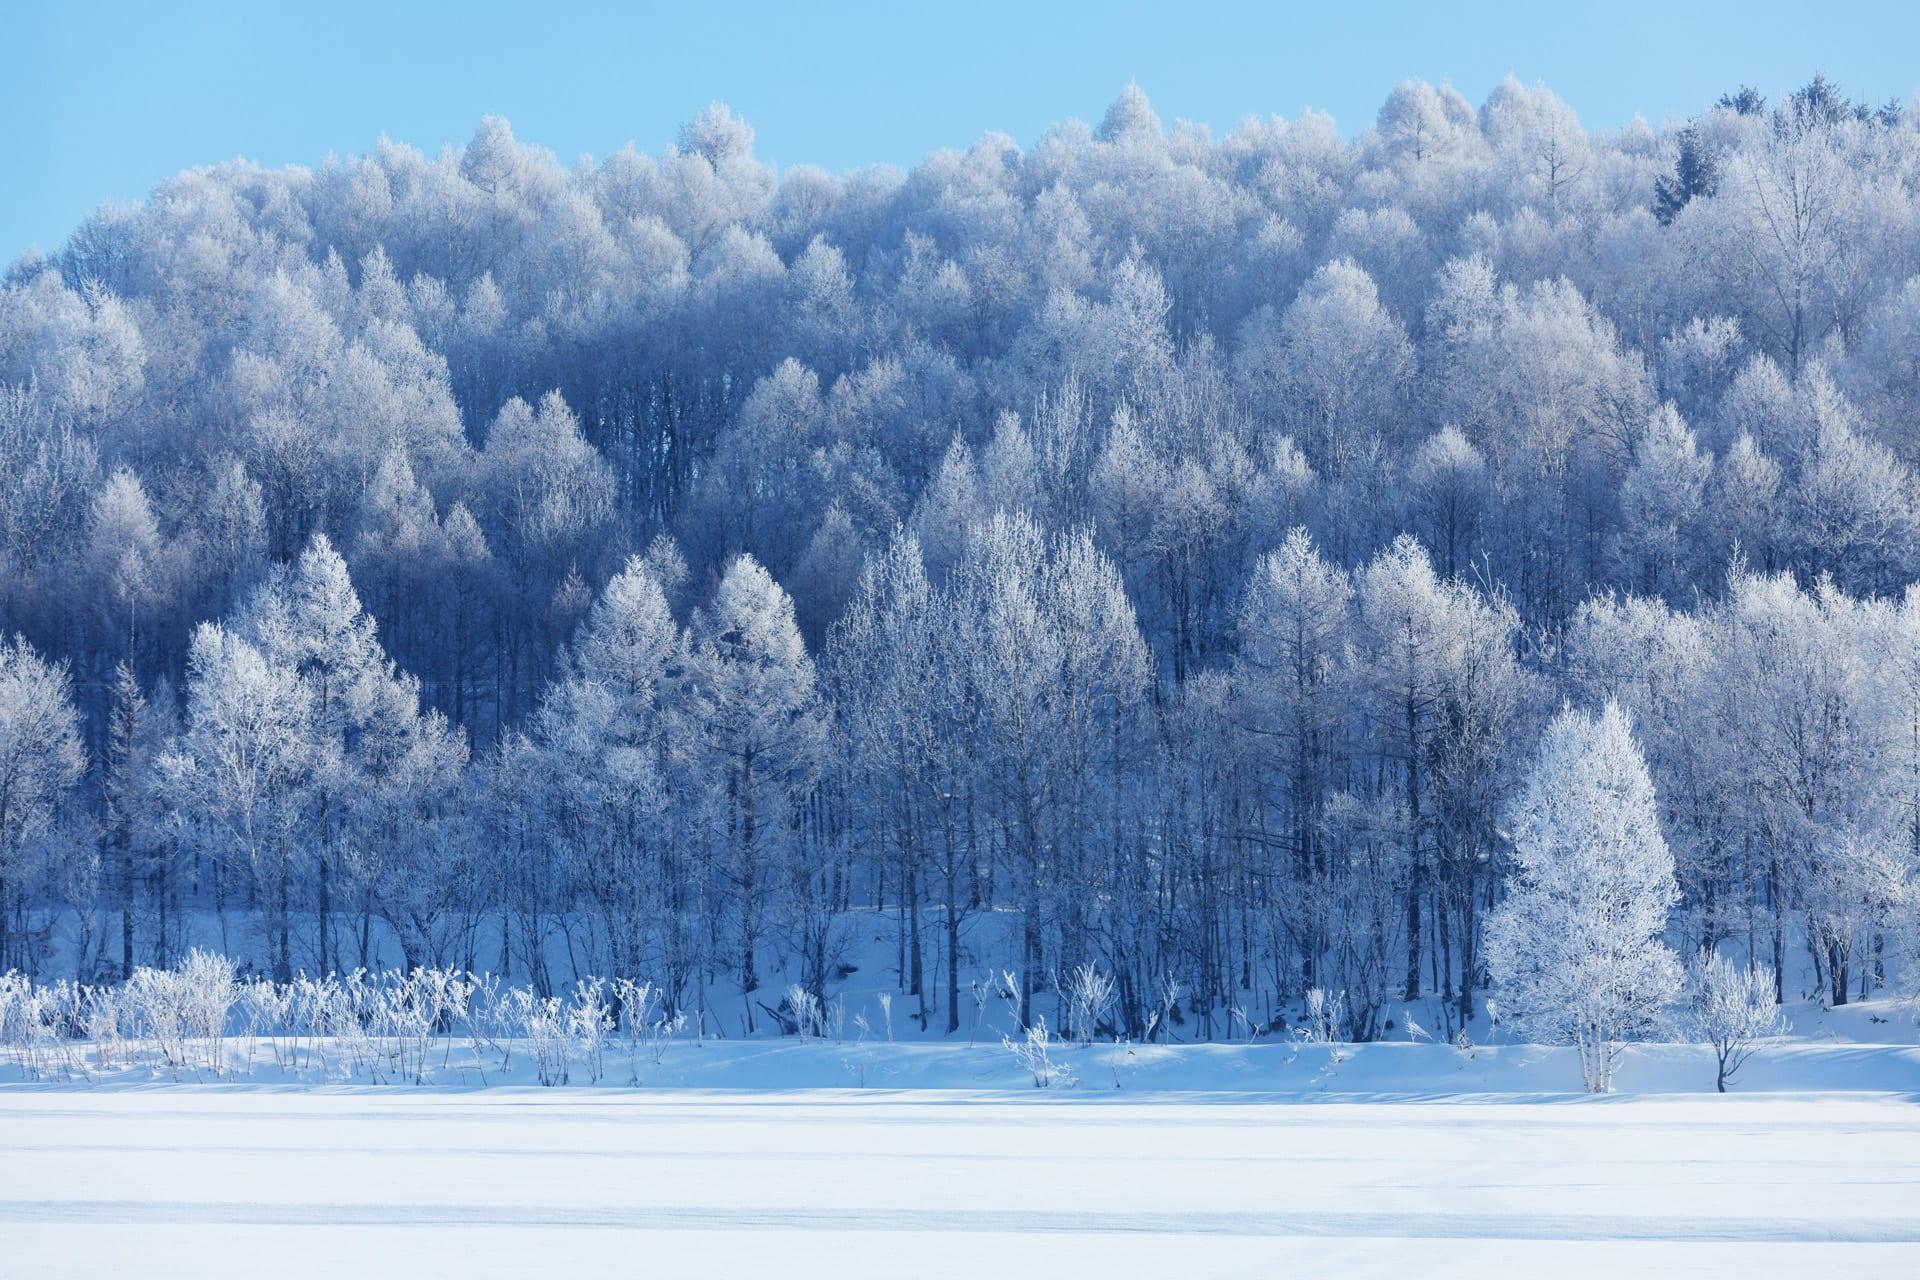 まさに絶景 思わずため息の出る雪のキレイな高画質画像 壁紙まとめ